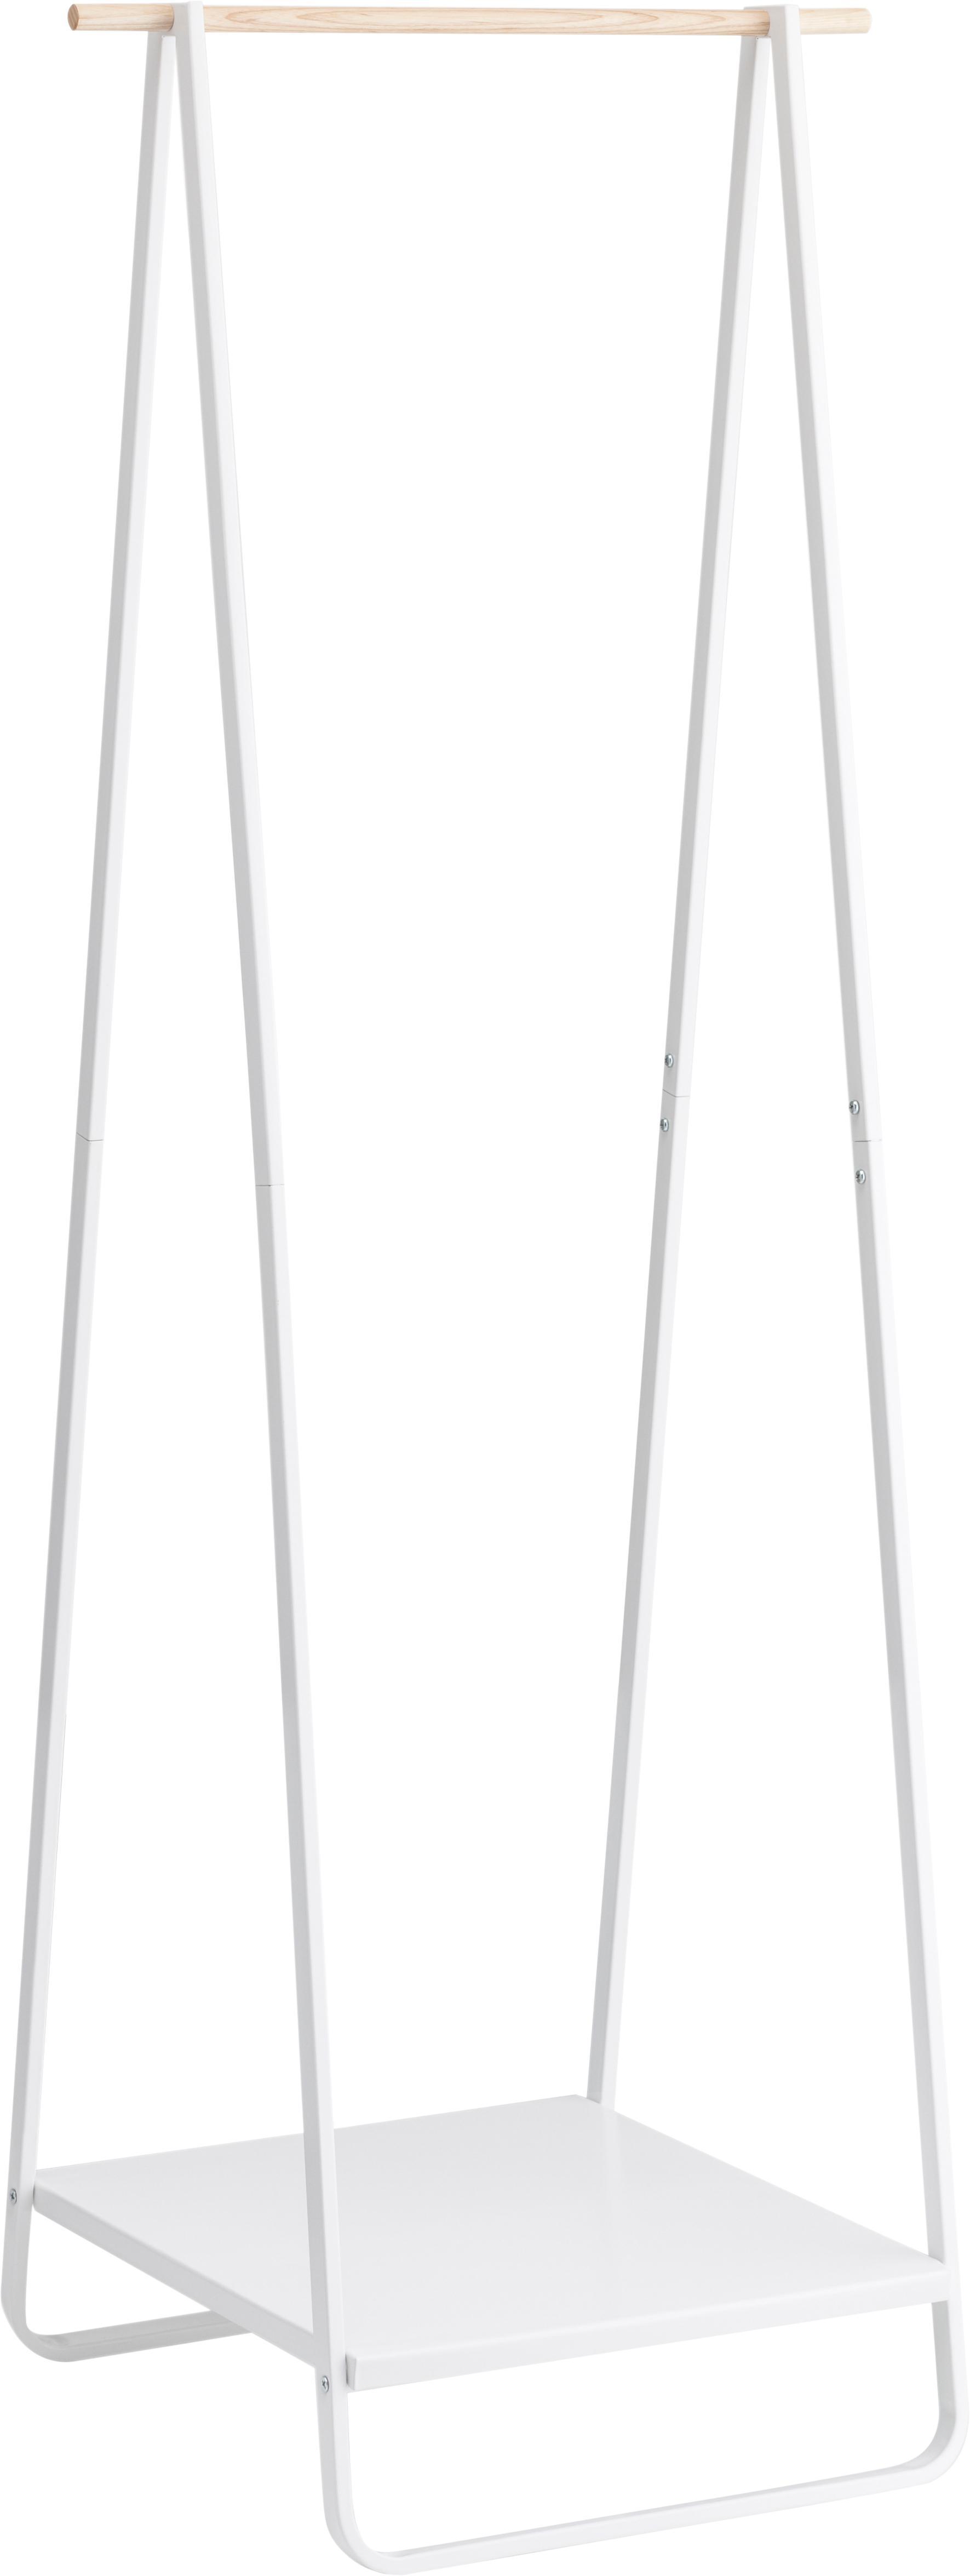 Wieszak stojący z metalu Tower, Stelaż: metal malowany proszkowo, Biały, S 52 x W 140 cm